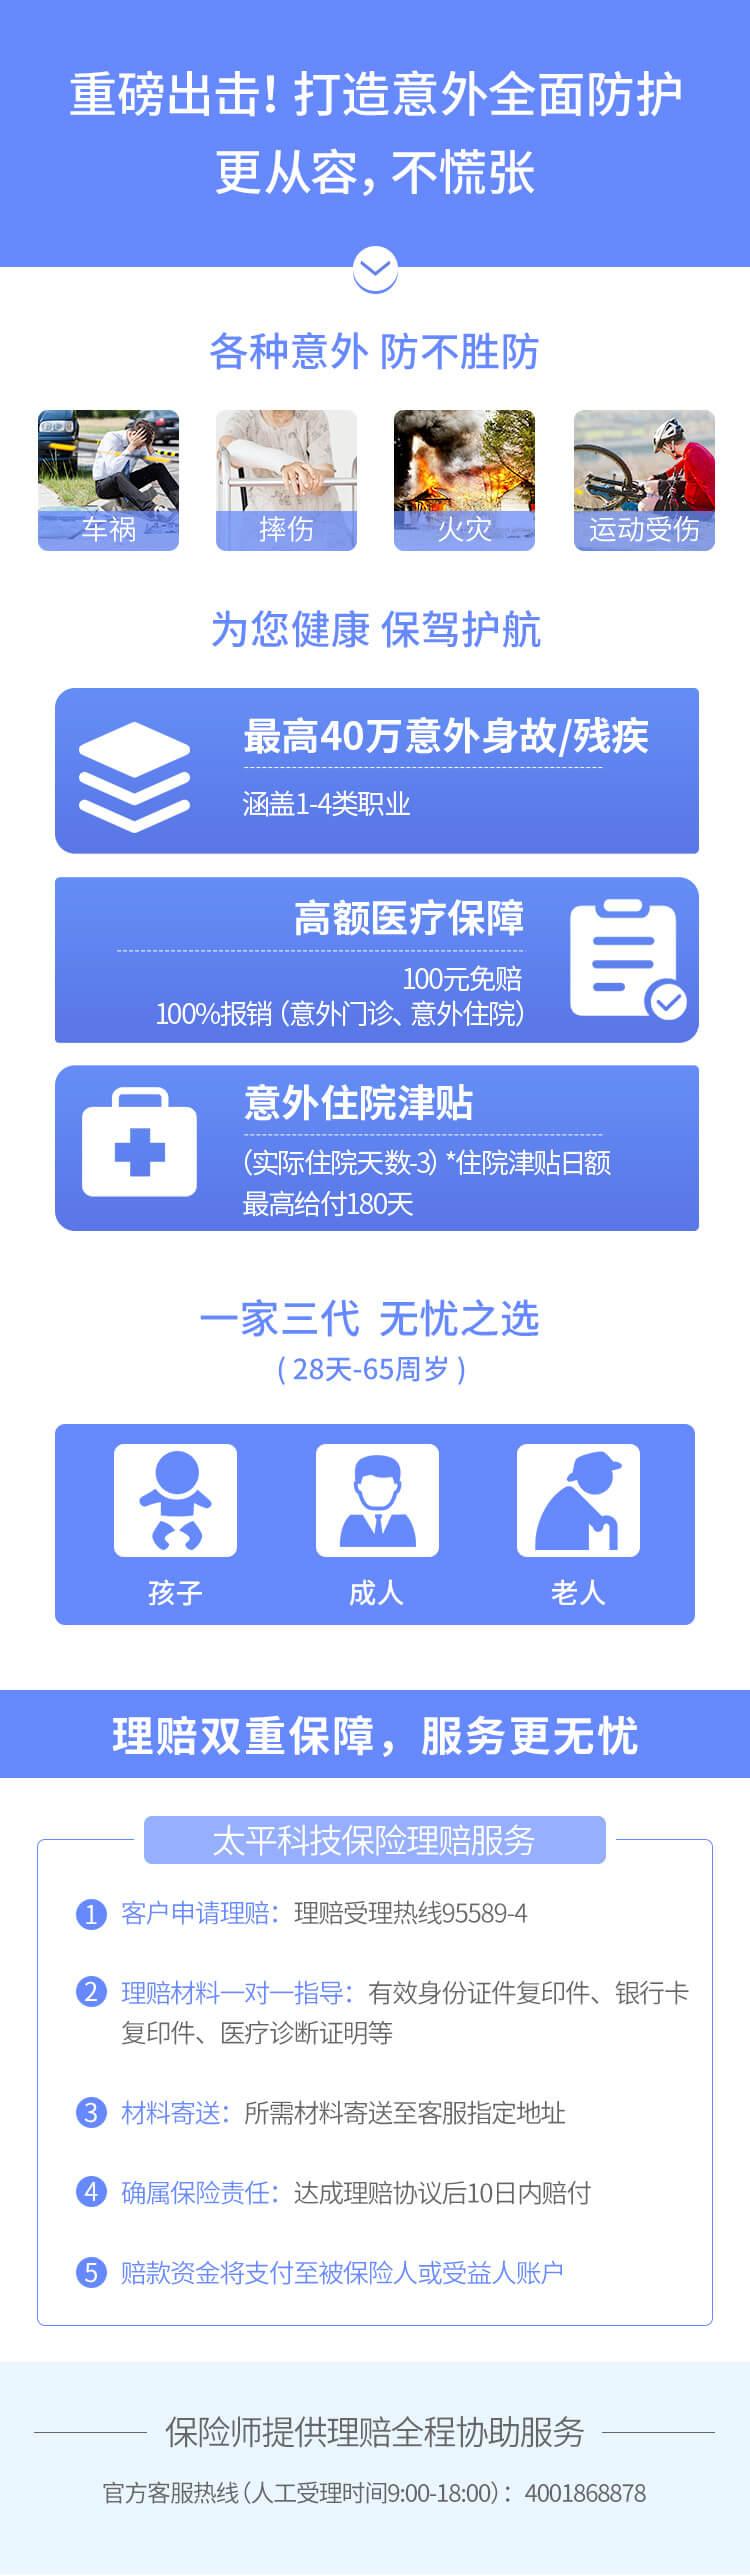 中国太平无忧保意外保险